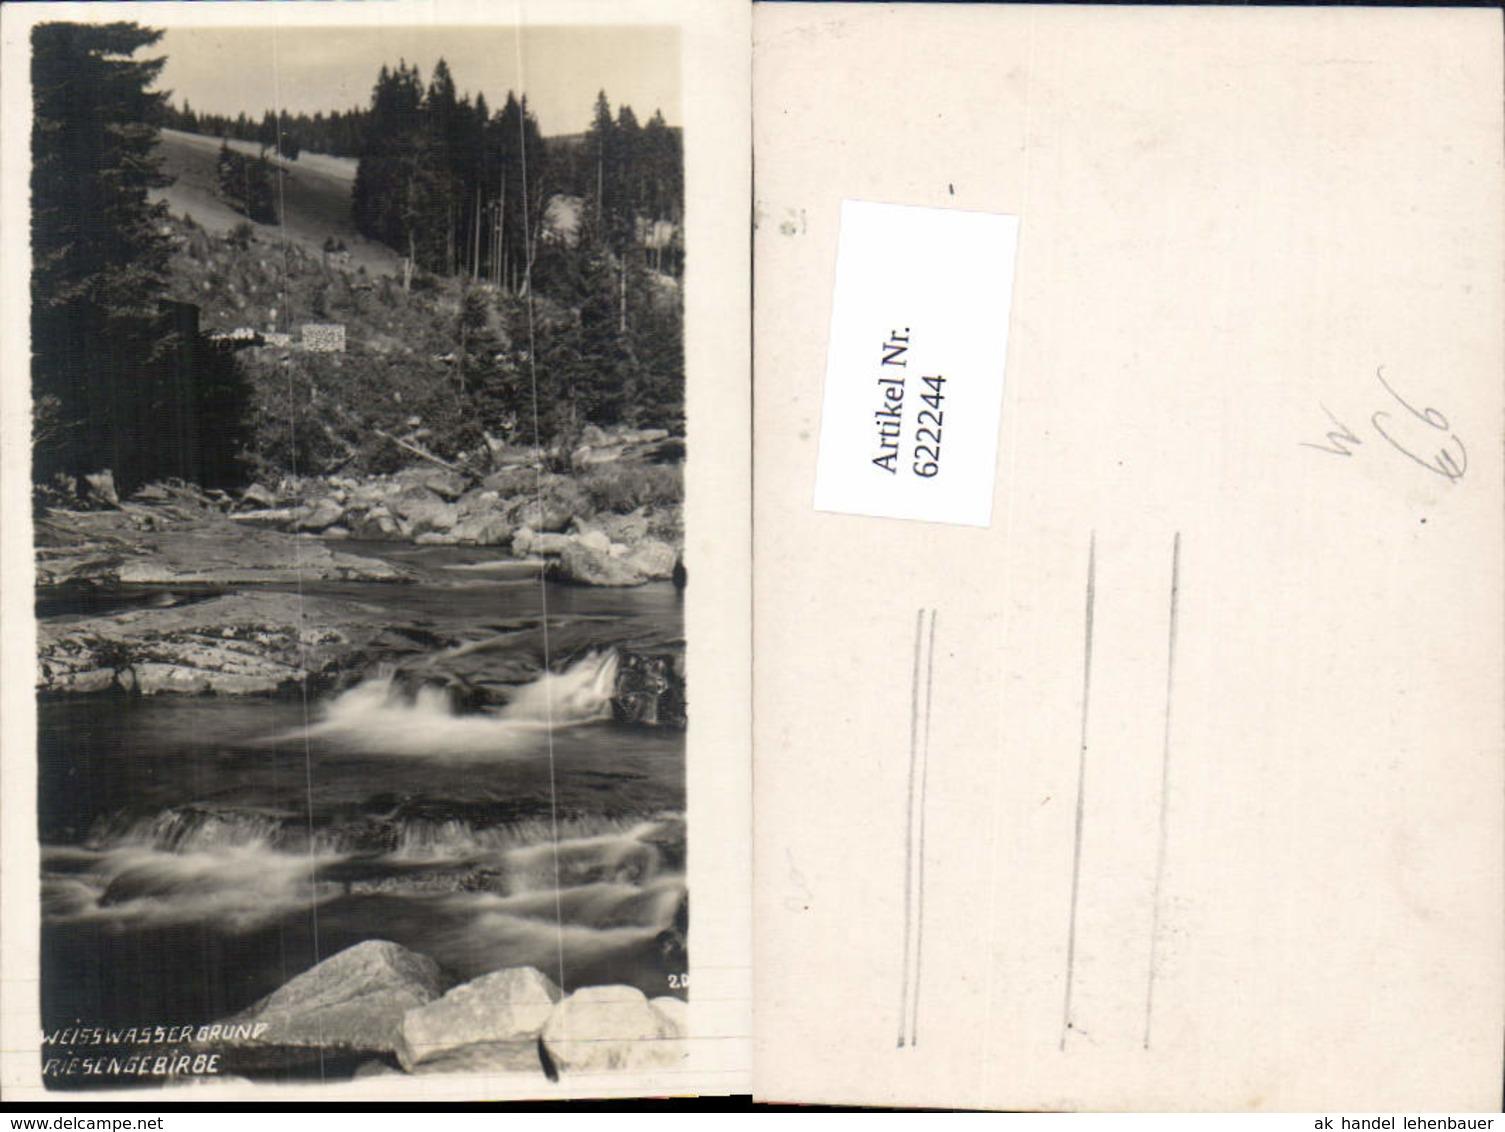 622244,Foto Ak Weisswassergrund Riesengebirge Bílé Labe Spindleruv Mlyn Spindlermühle - Ansichtskarten